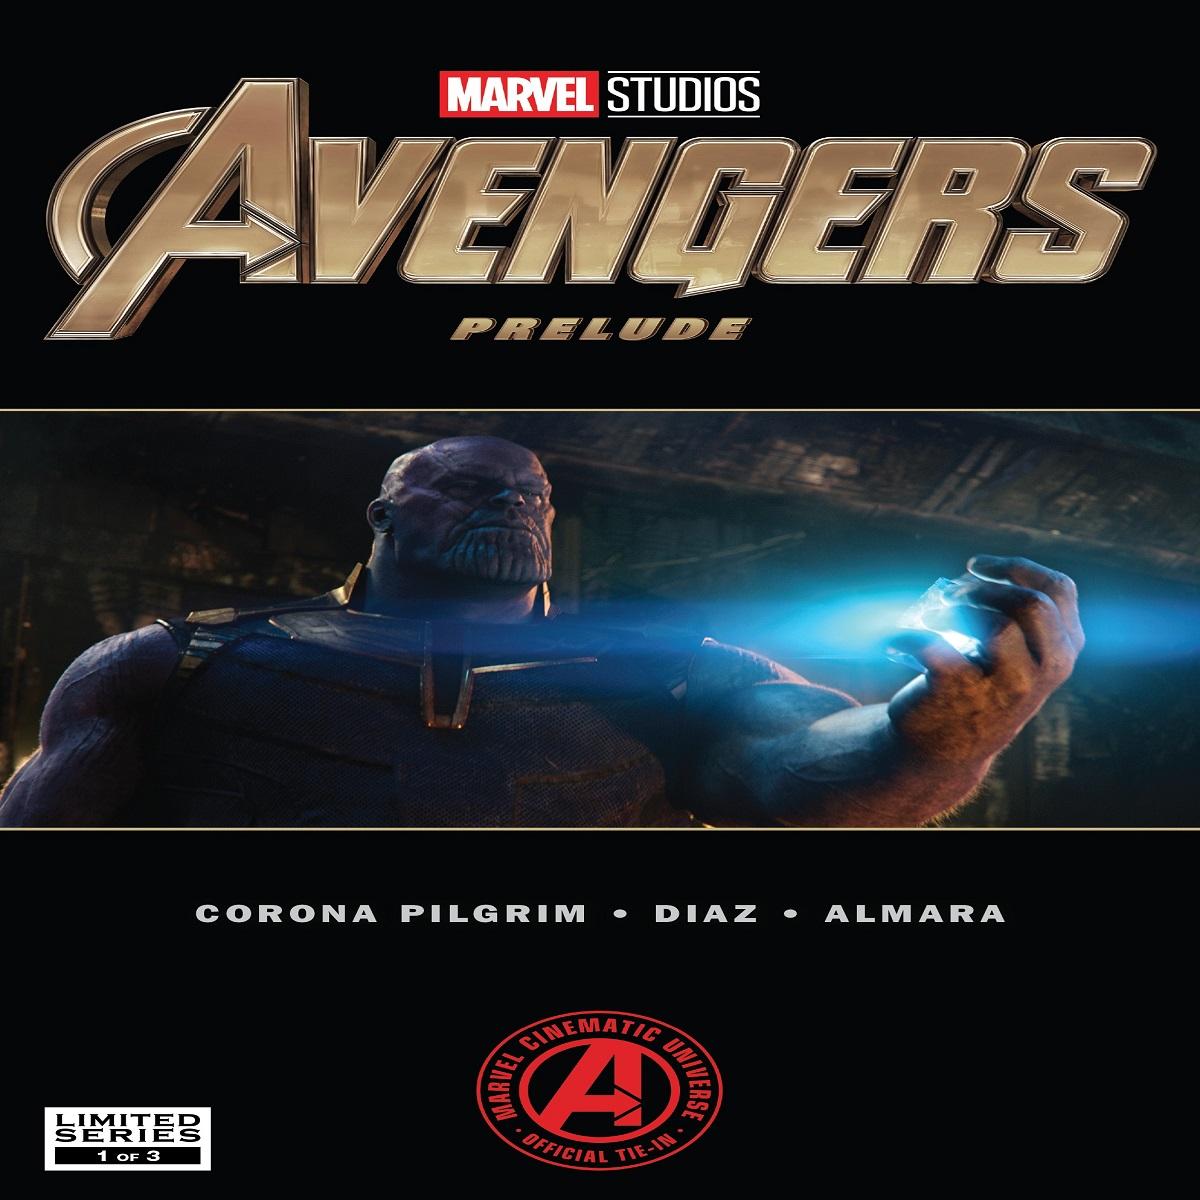 مجله Marvel Avengers Endgame Prelude 1 دسامبر 2018